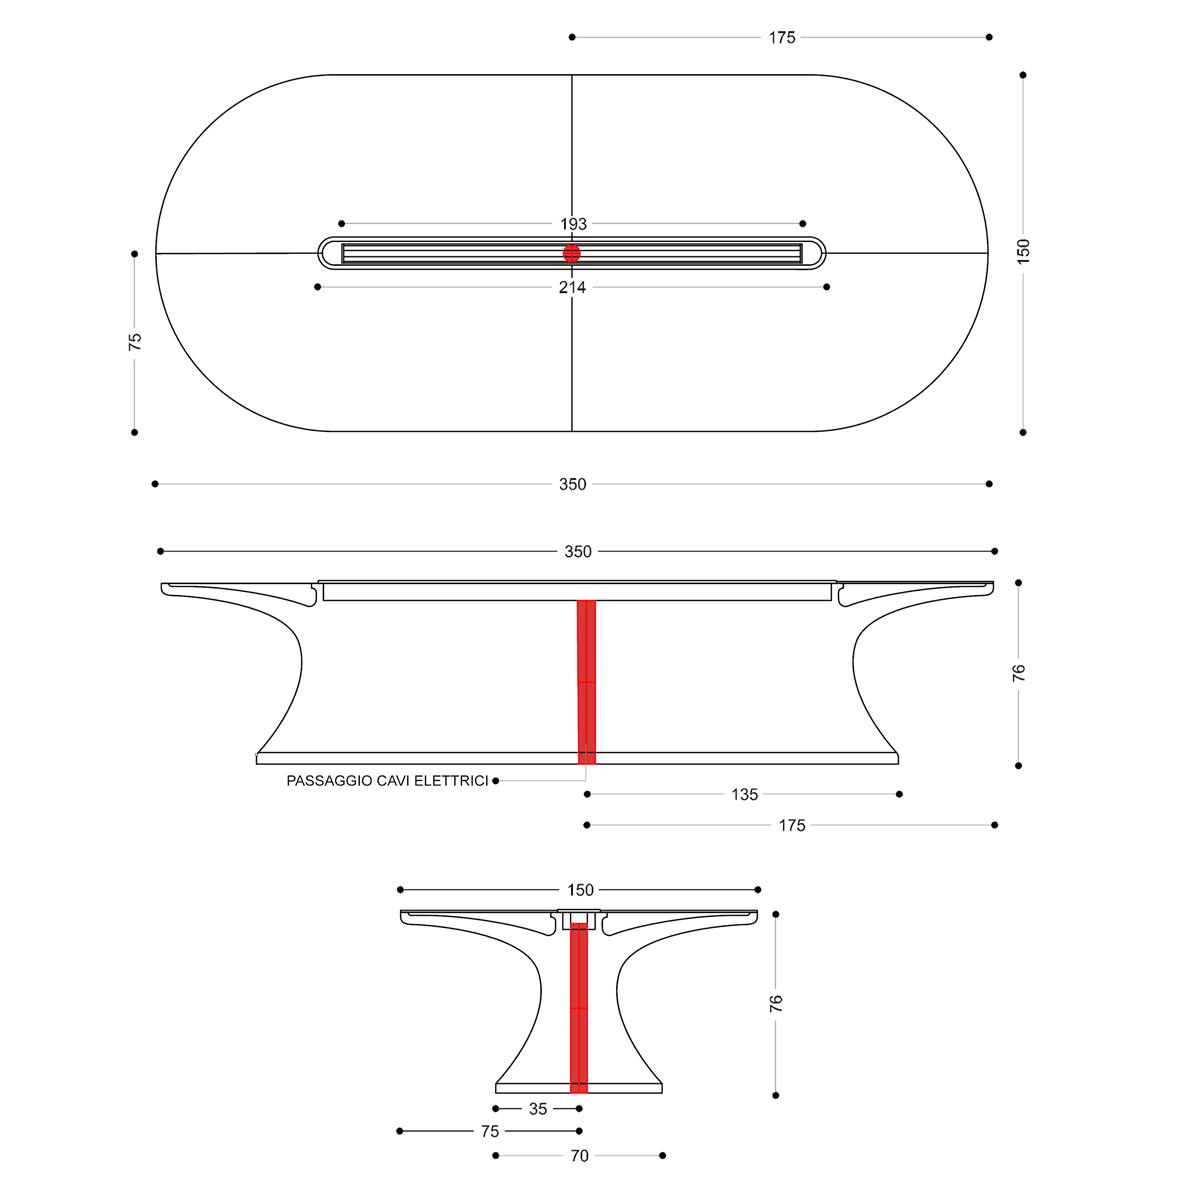 Tavolo Riunioni Dimensioni.Tavolo Riunioni Design Info Table Moderno E Funzionale Top